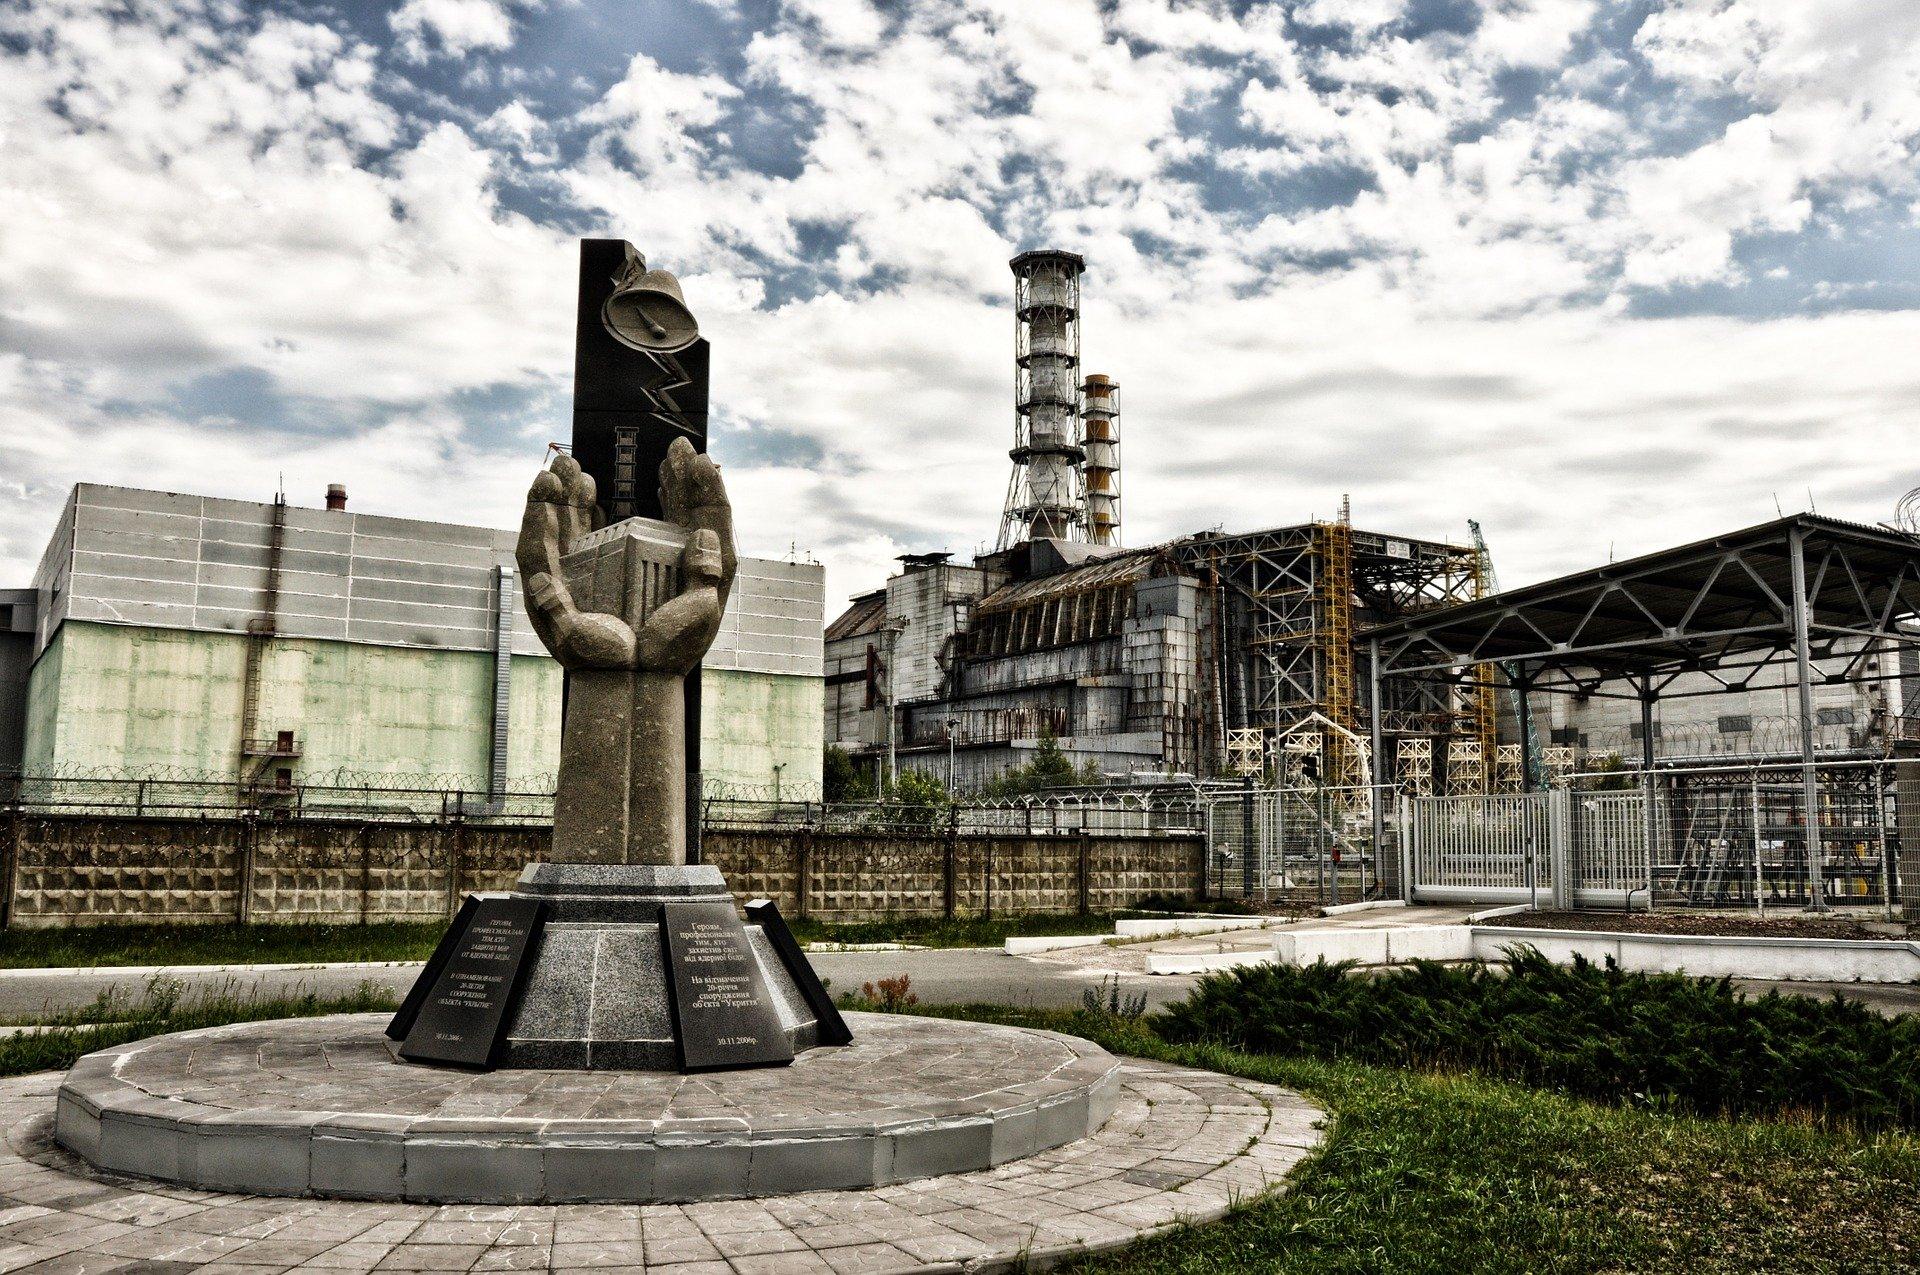 Usina de Chernobyl hoje. Um sarcófago protege a área do reator em que ocorreu o acidente nuclear.